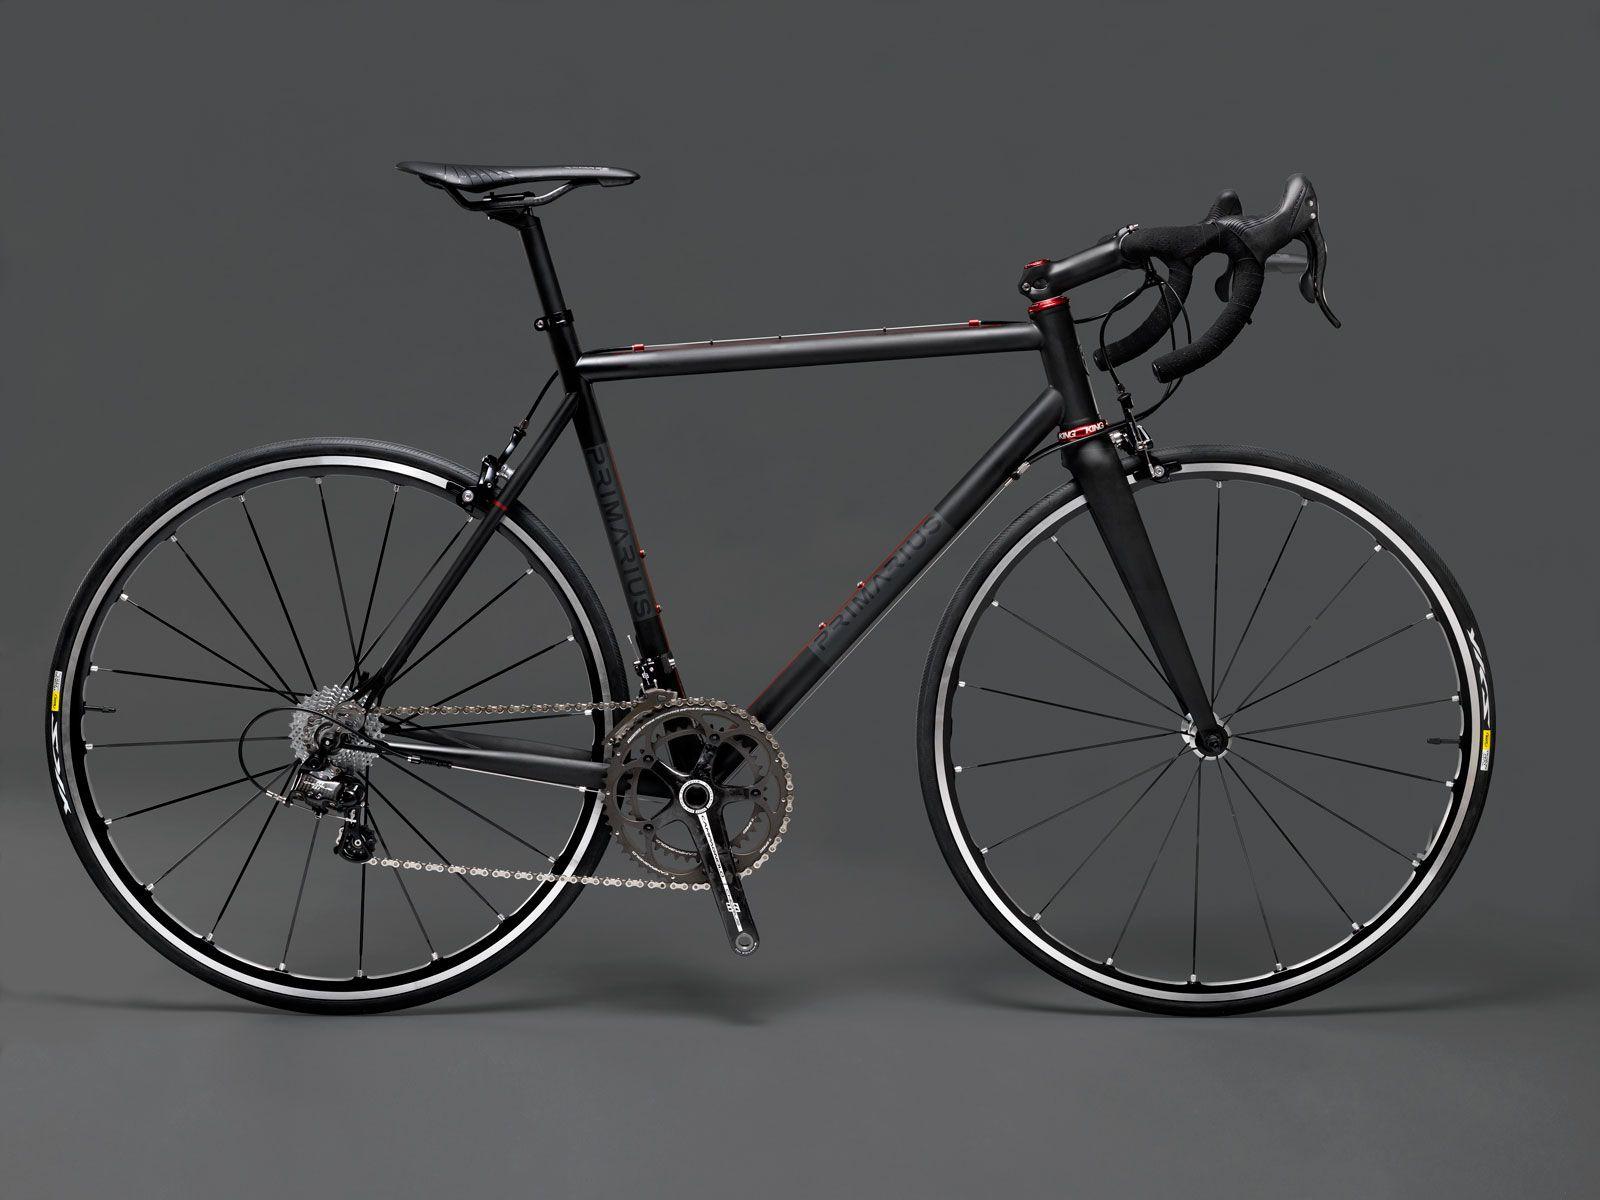 Primarius custom steel road bike. Reynolds 853 steel | Campagnolo ...